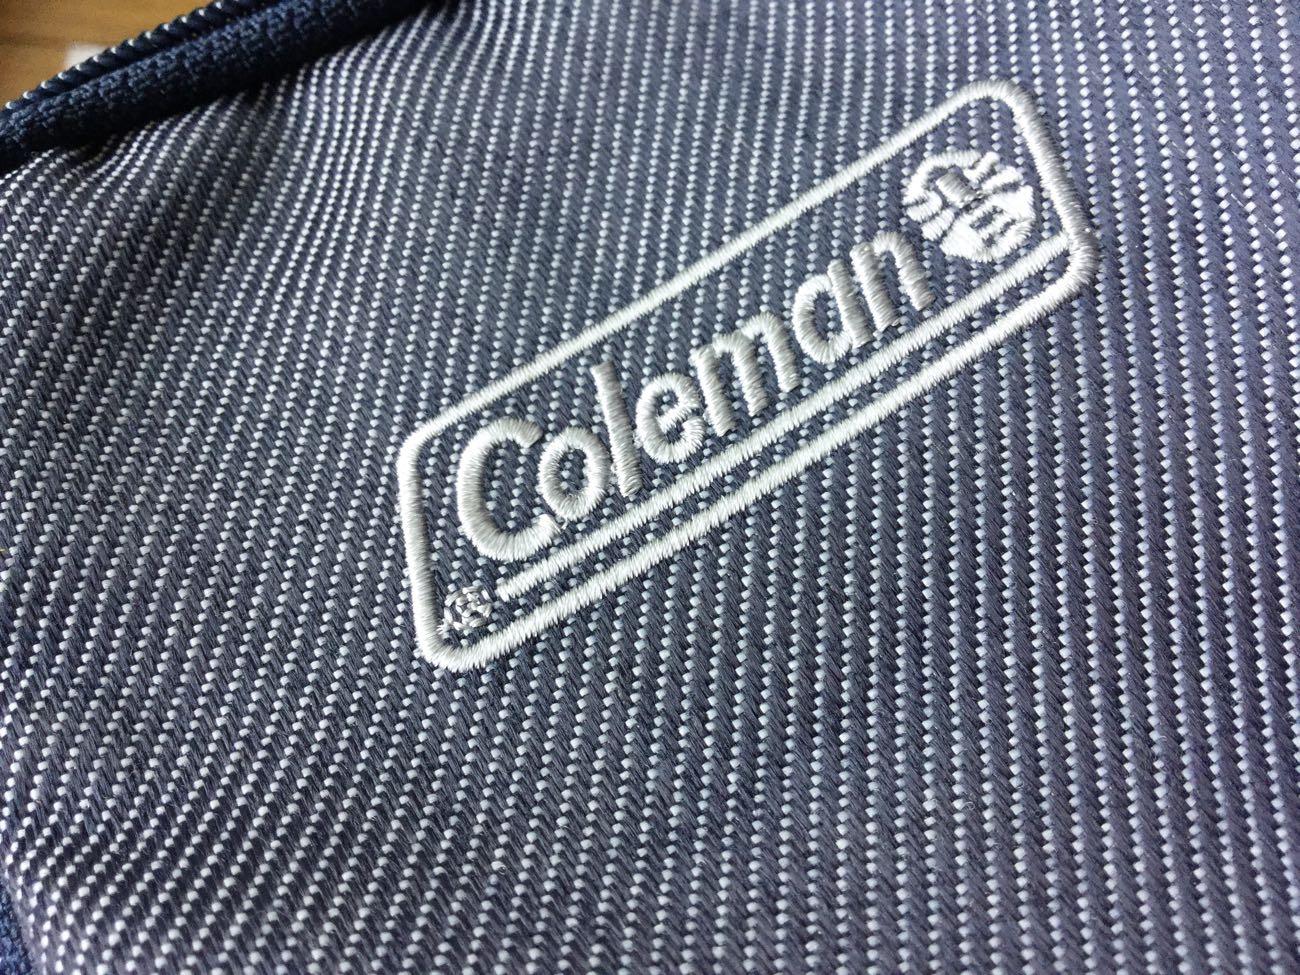 Colemanのロゴ